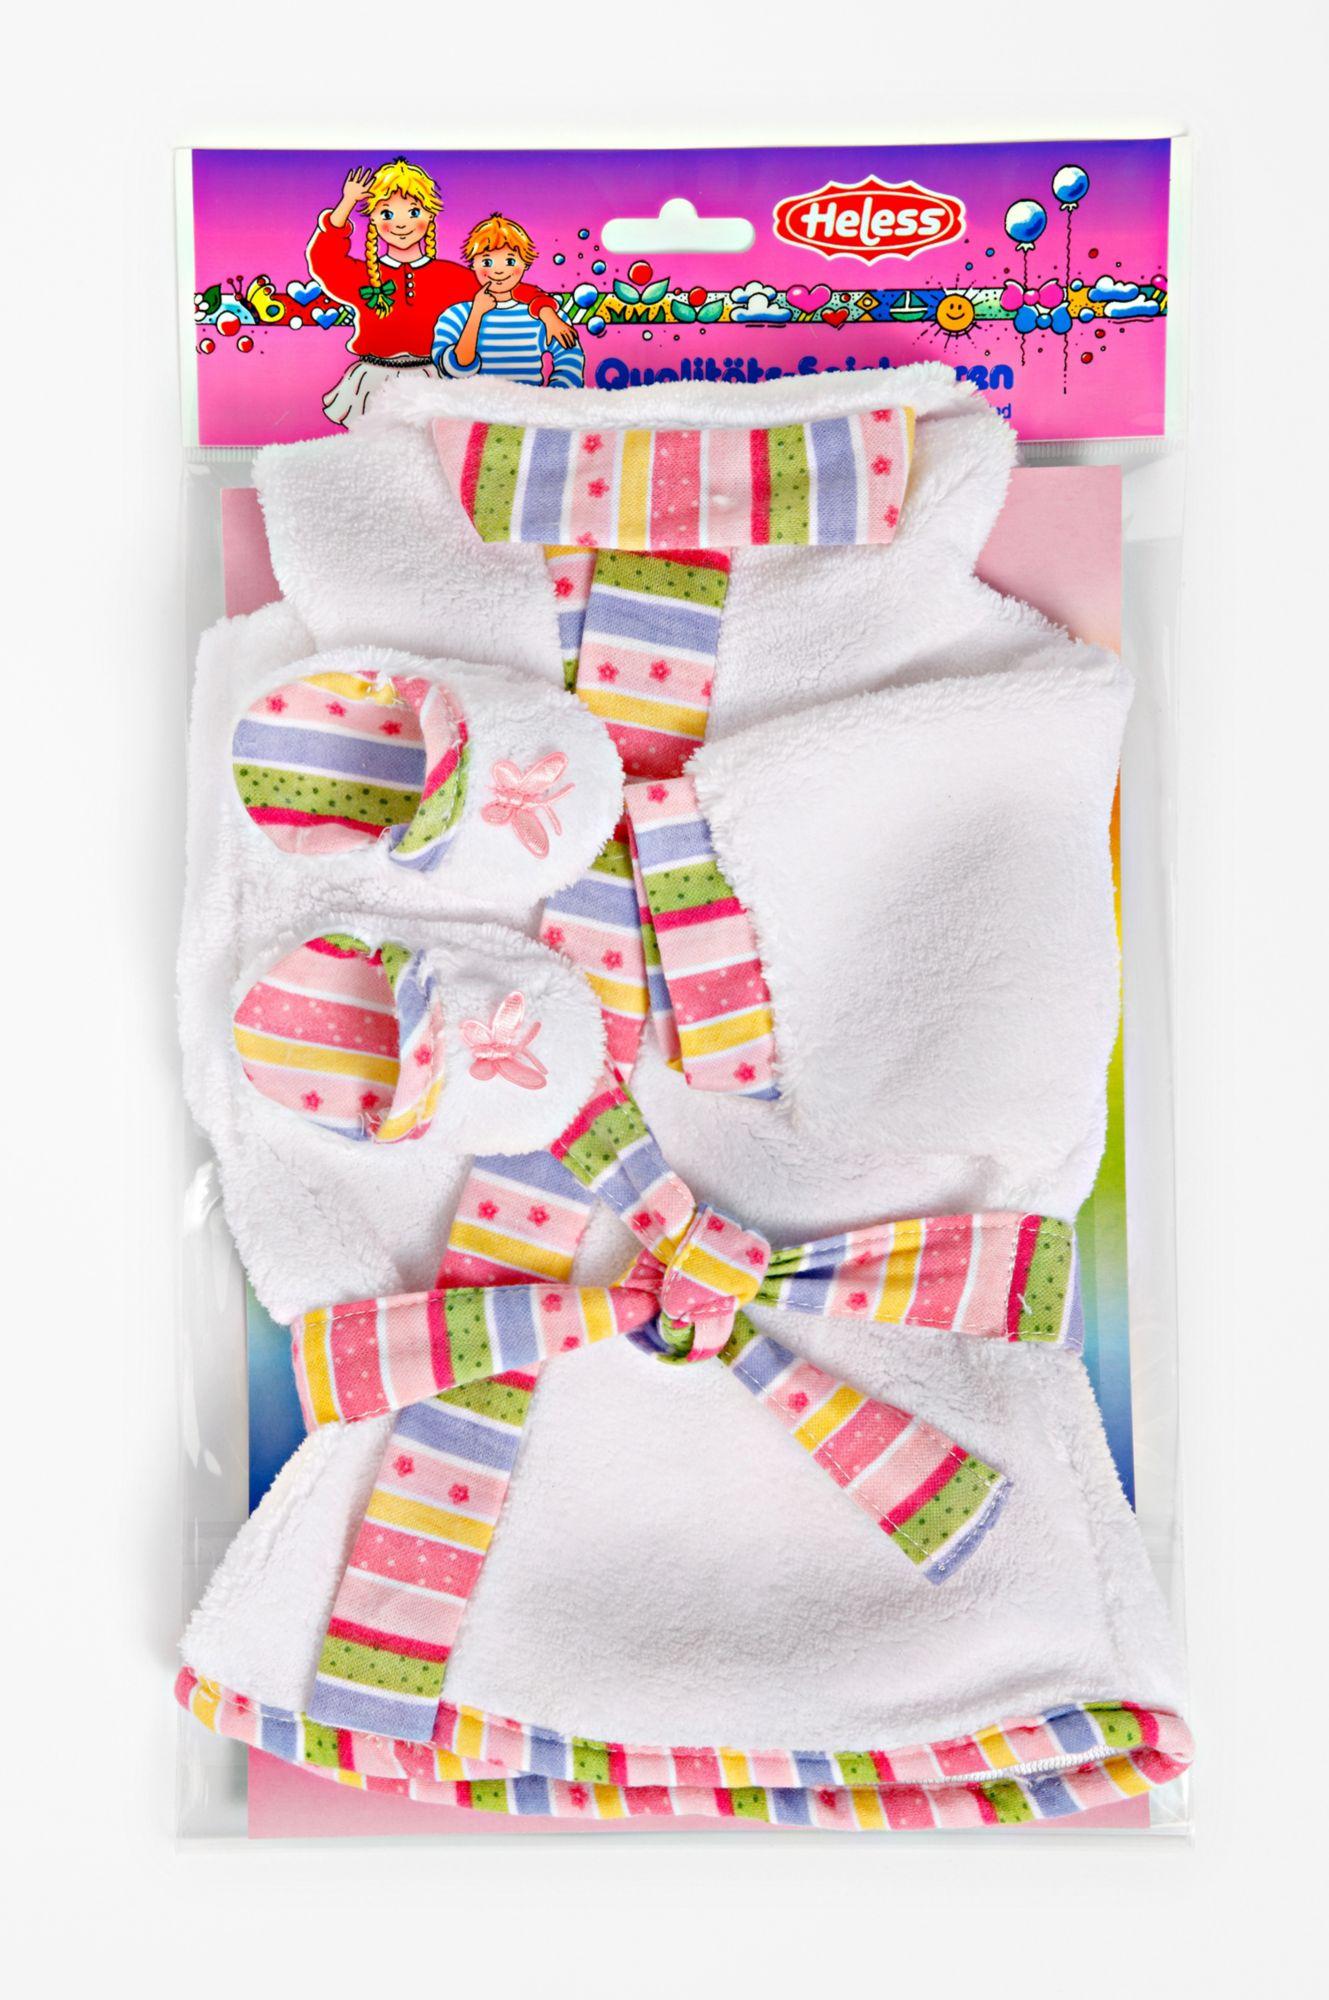 HELESS® Heless® Puppenkleidung Größe 35-46, »Bademantel mit Pantoletten« (3tlg.)